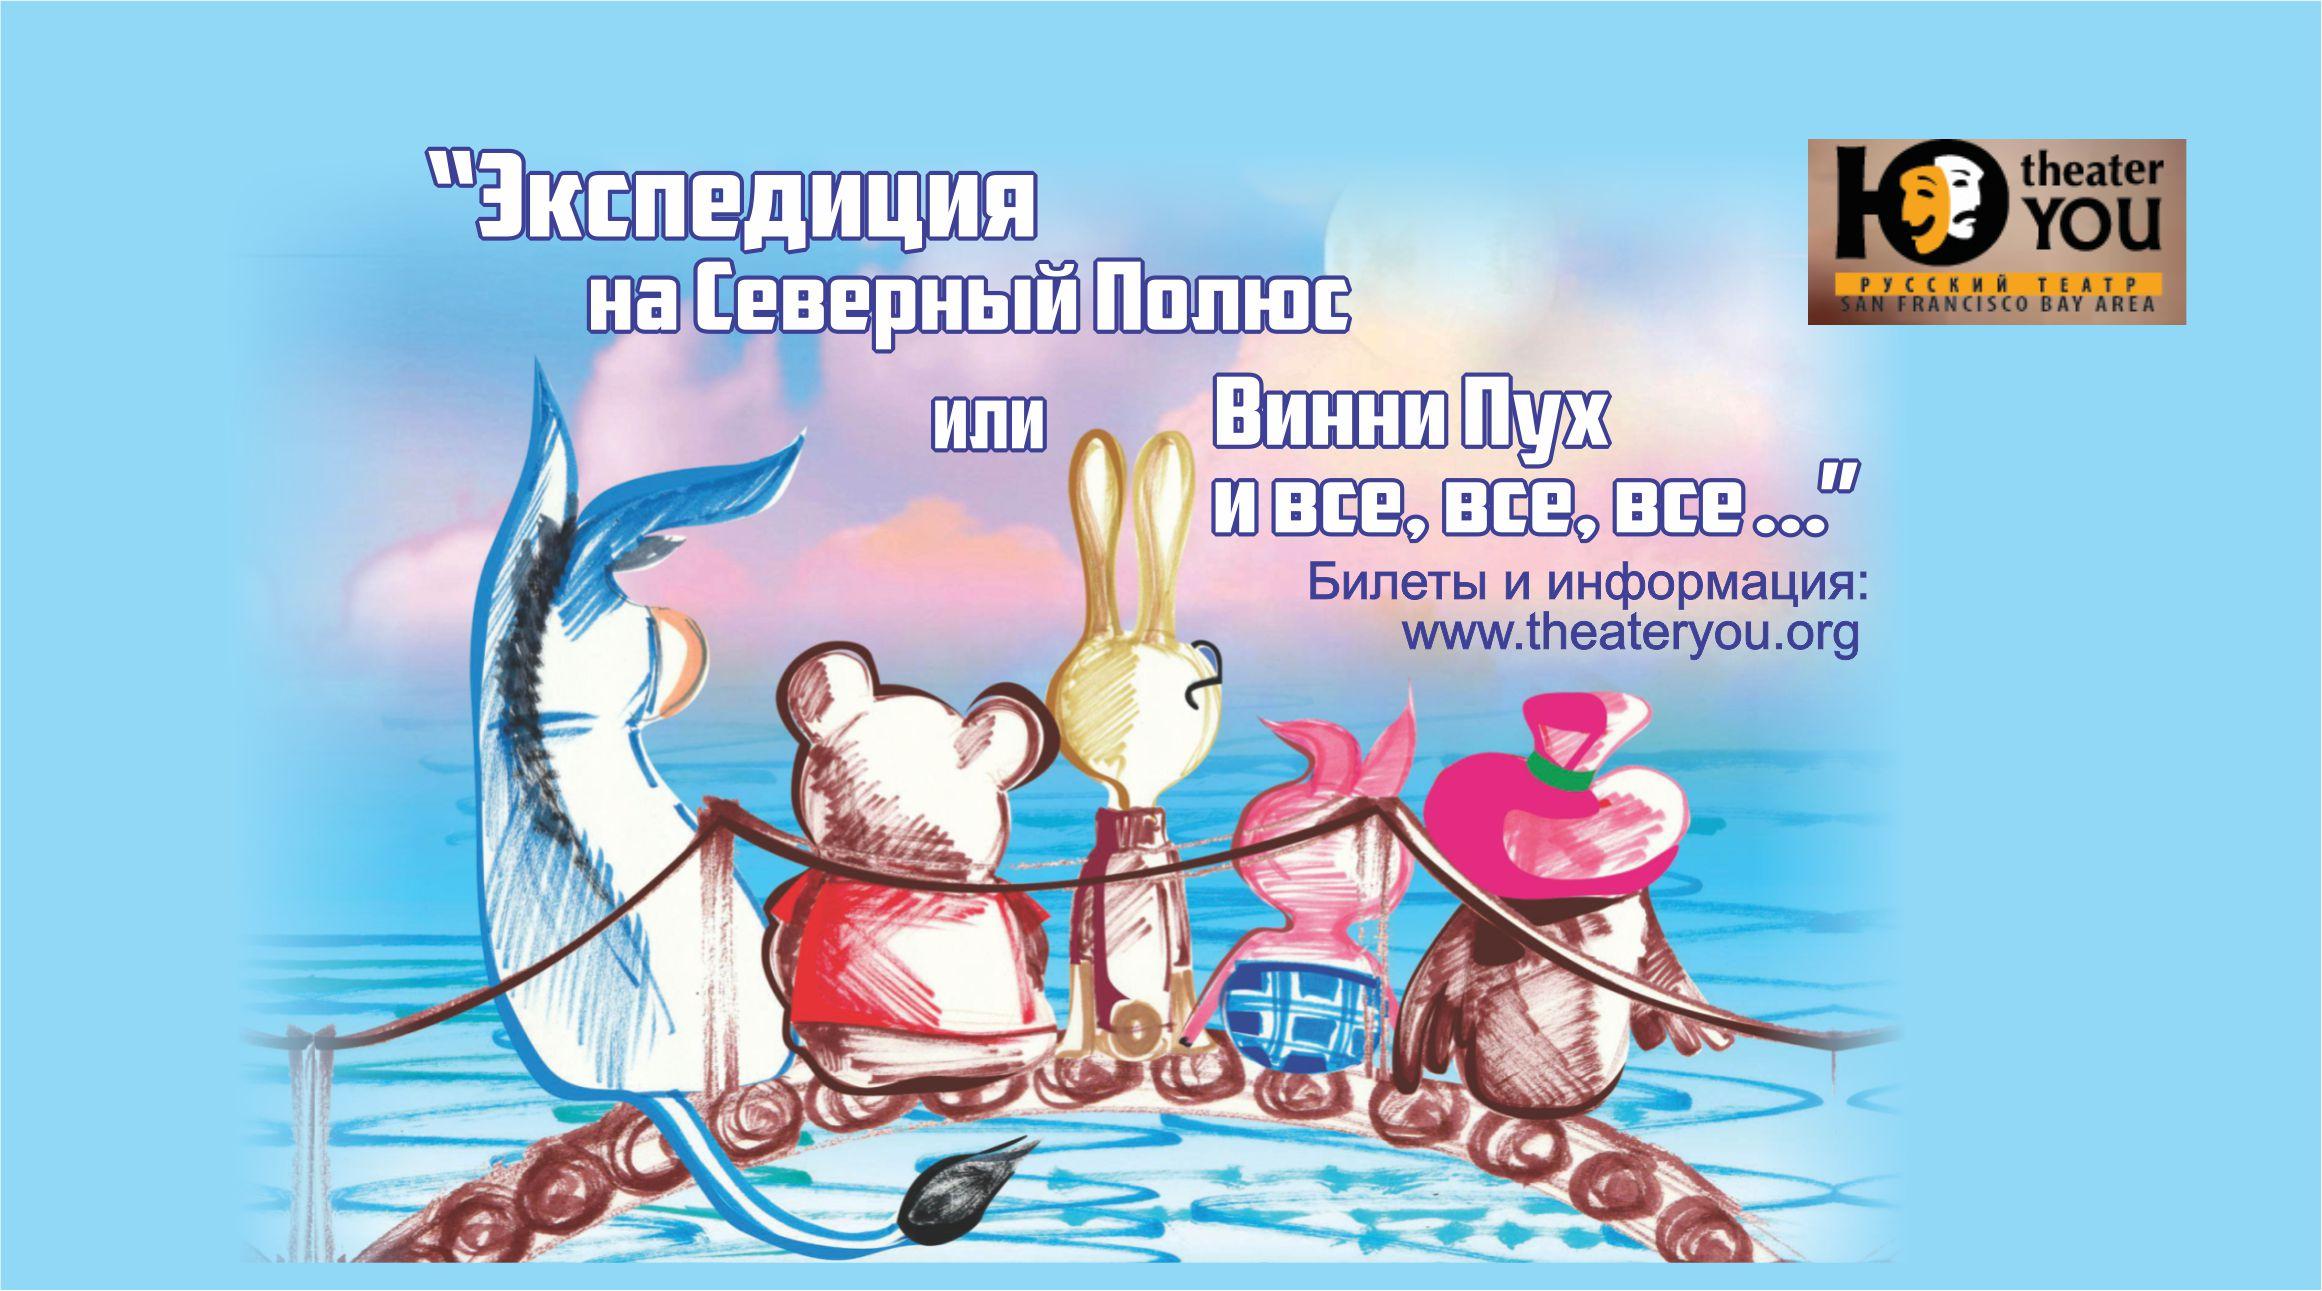 """Театр Ю представляет спектакль """"Экспедиция на Северный Полюс или Винни Пух и все, все, все …"""""""